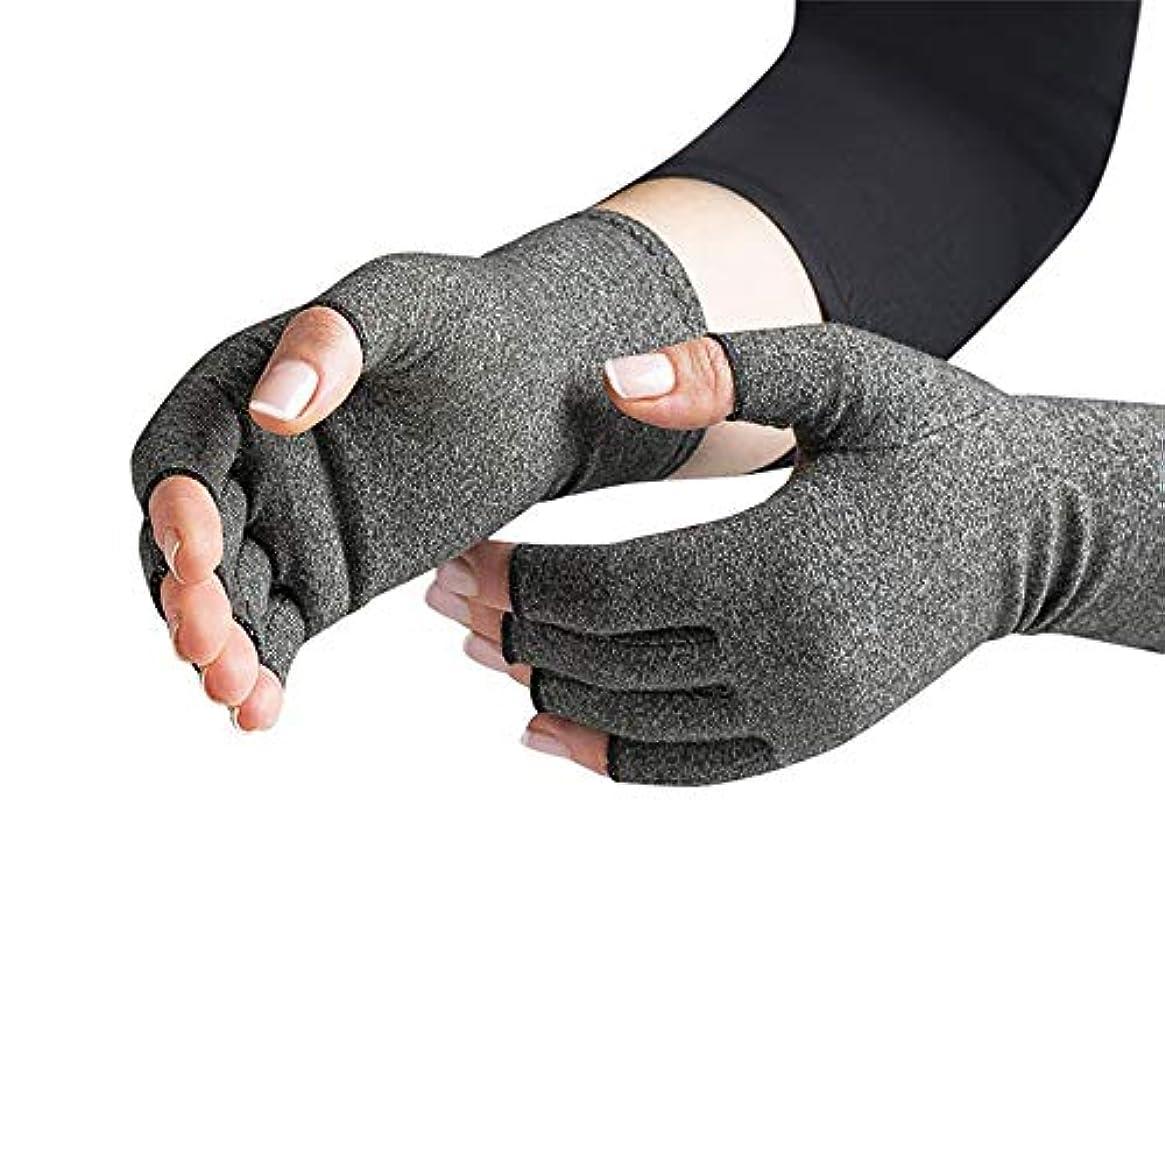 成果目的偏差関節炎圧縮手袋-女性と男性のための関節炎の痛みを軽減するハンドウォーマー